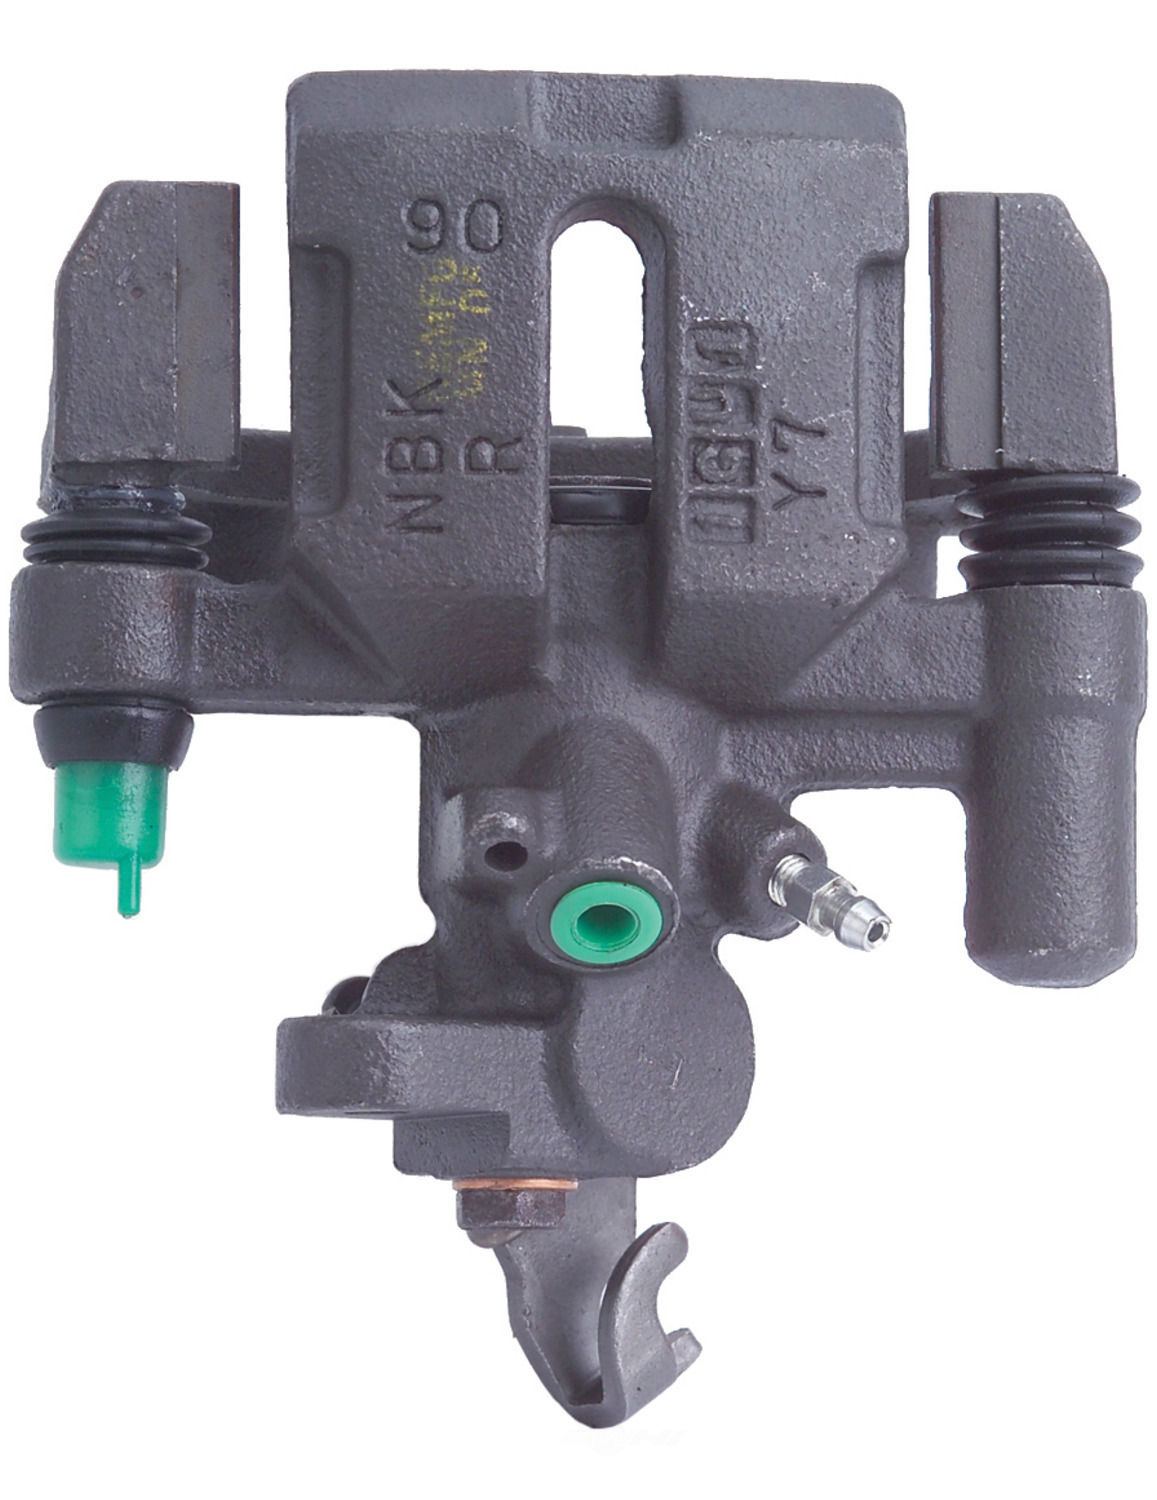 CARDONE/A-1 CARDONE - Reman Friction Choice Caliper w/Bracket (Rear Right) - A1C 19-B1344